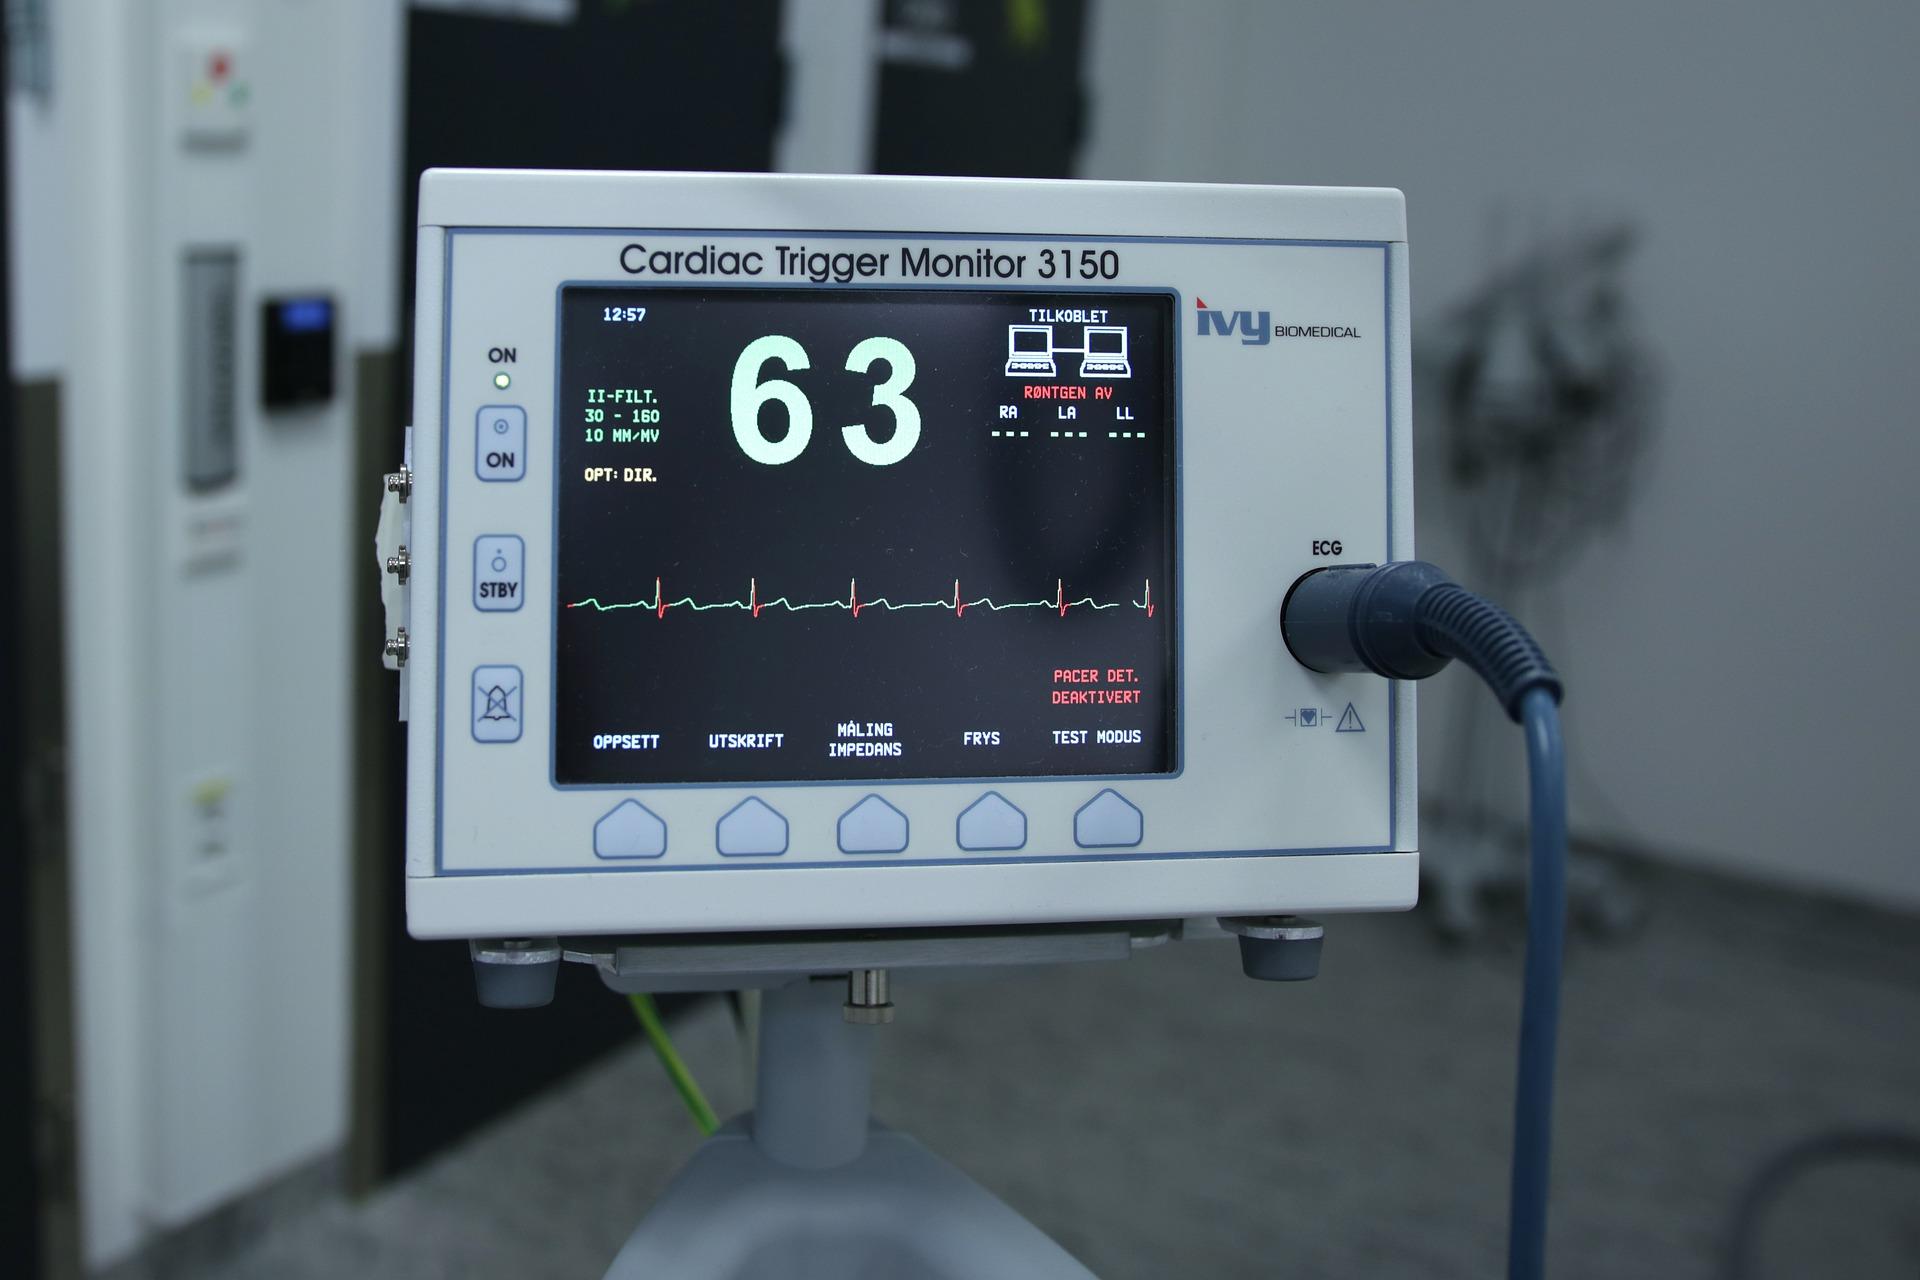 zašto hipertenzija ne može donirati krv